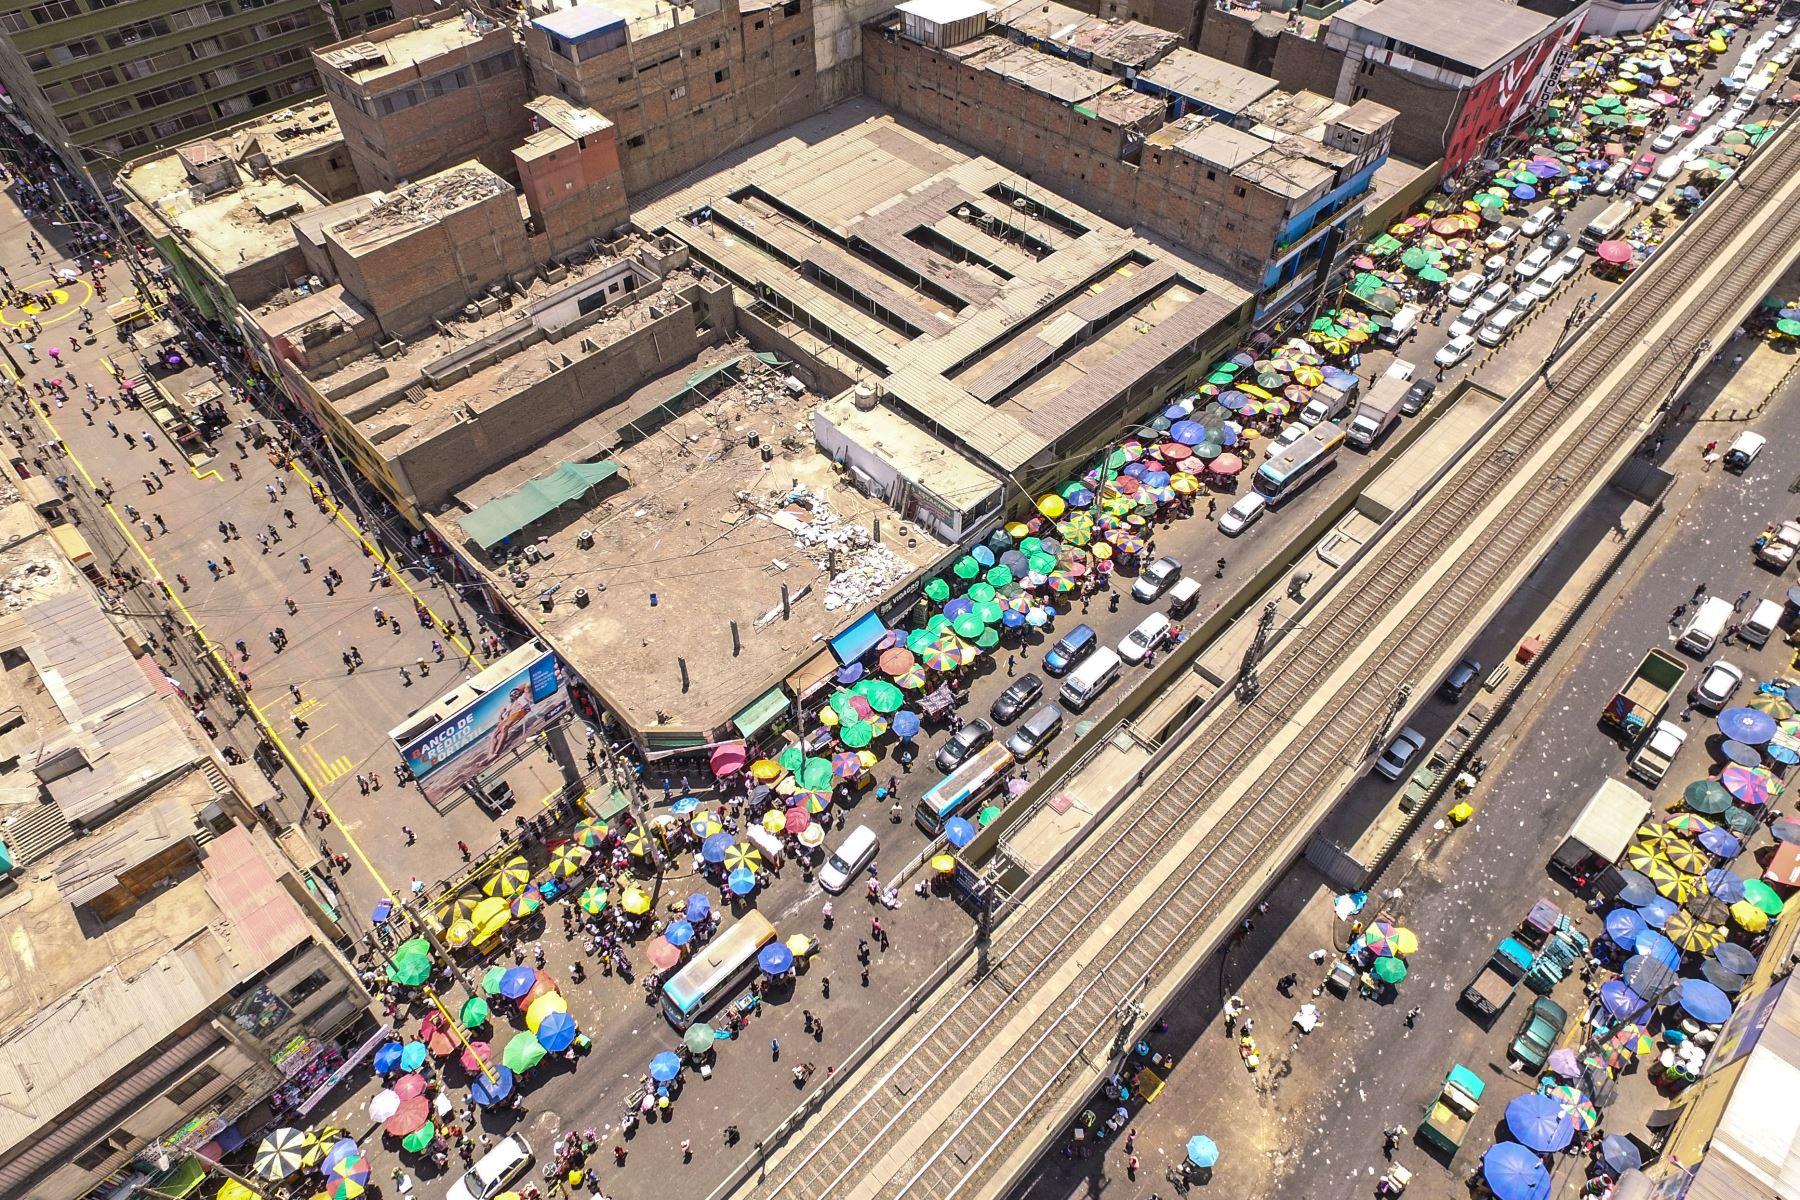 Ambulantes que operaban en el emporio comercial de Gamarra, La Victoria, se han trasladado ahora a la avenida Aviación, generando intensa congestión vehicular en otro punto del mismo distrito. Foto: ANDINA/ Lenin Lobaton